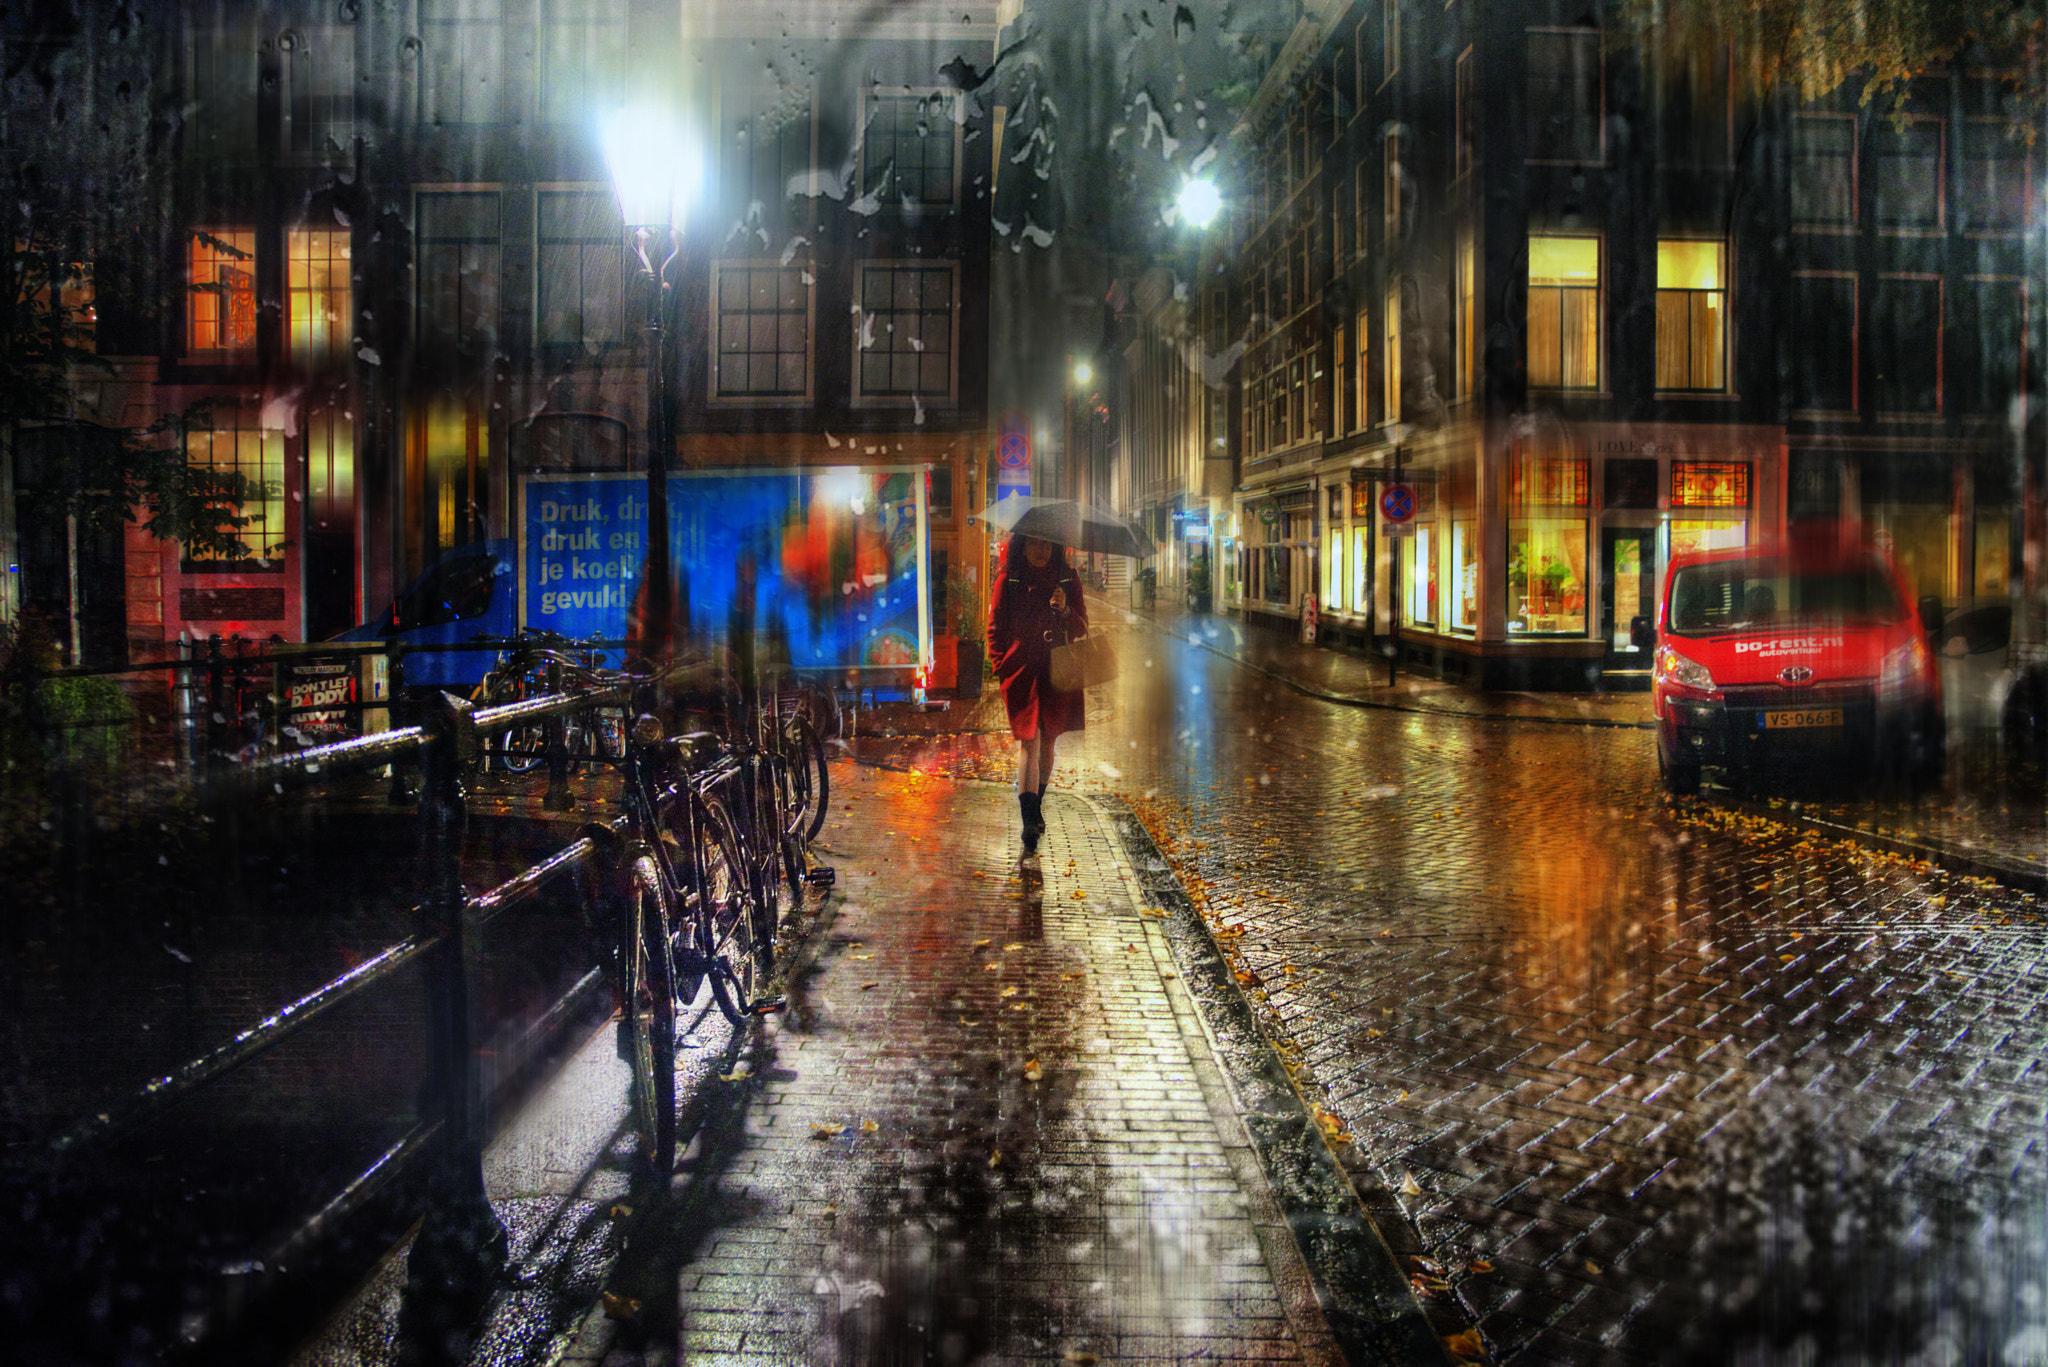 картинки на телефон дождь в городе поэтому заговор фото